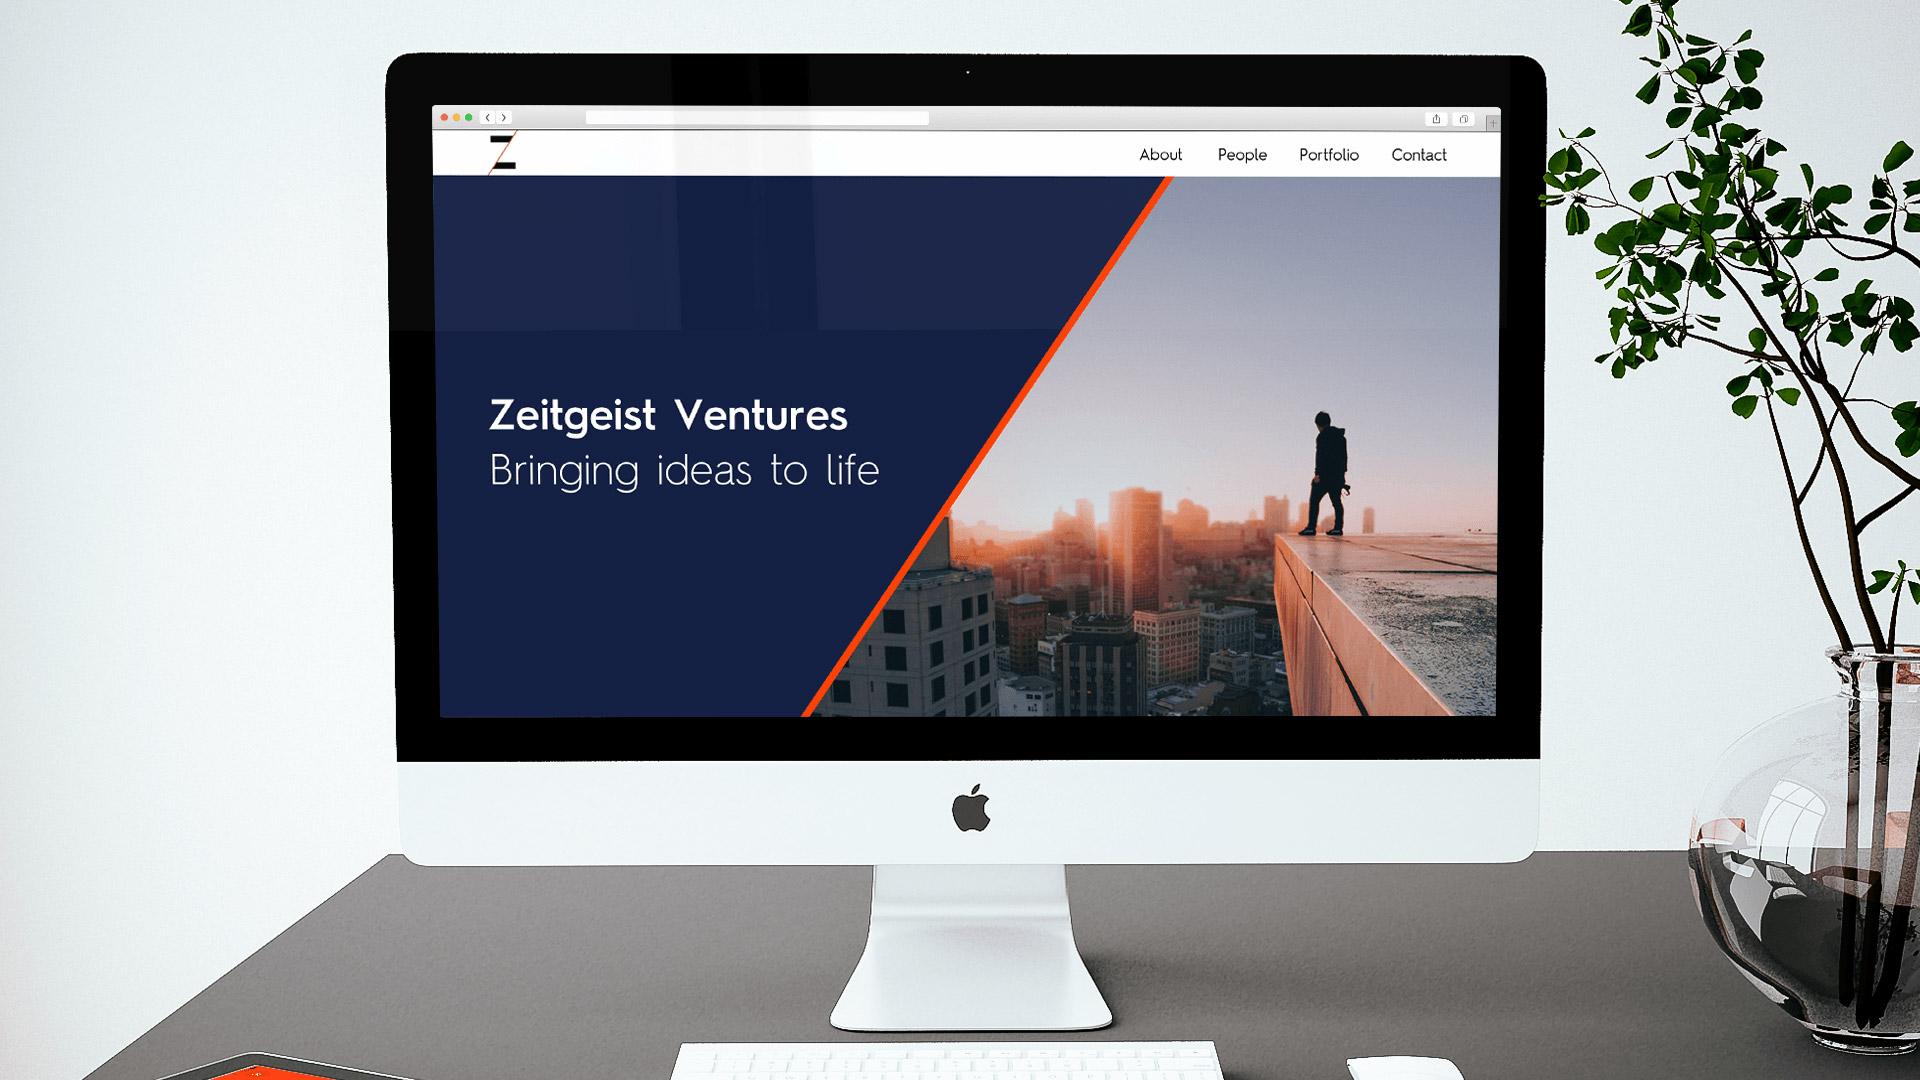 Zeitgeist Ventures